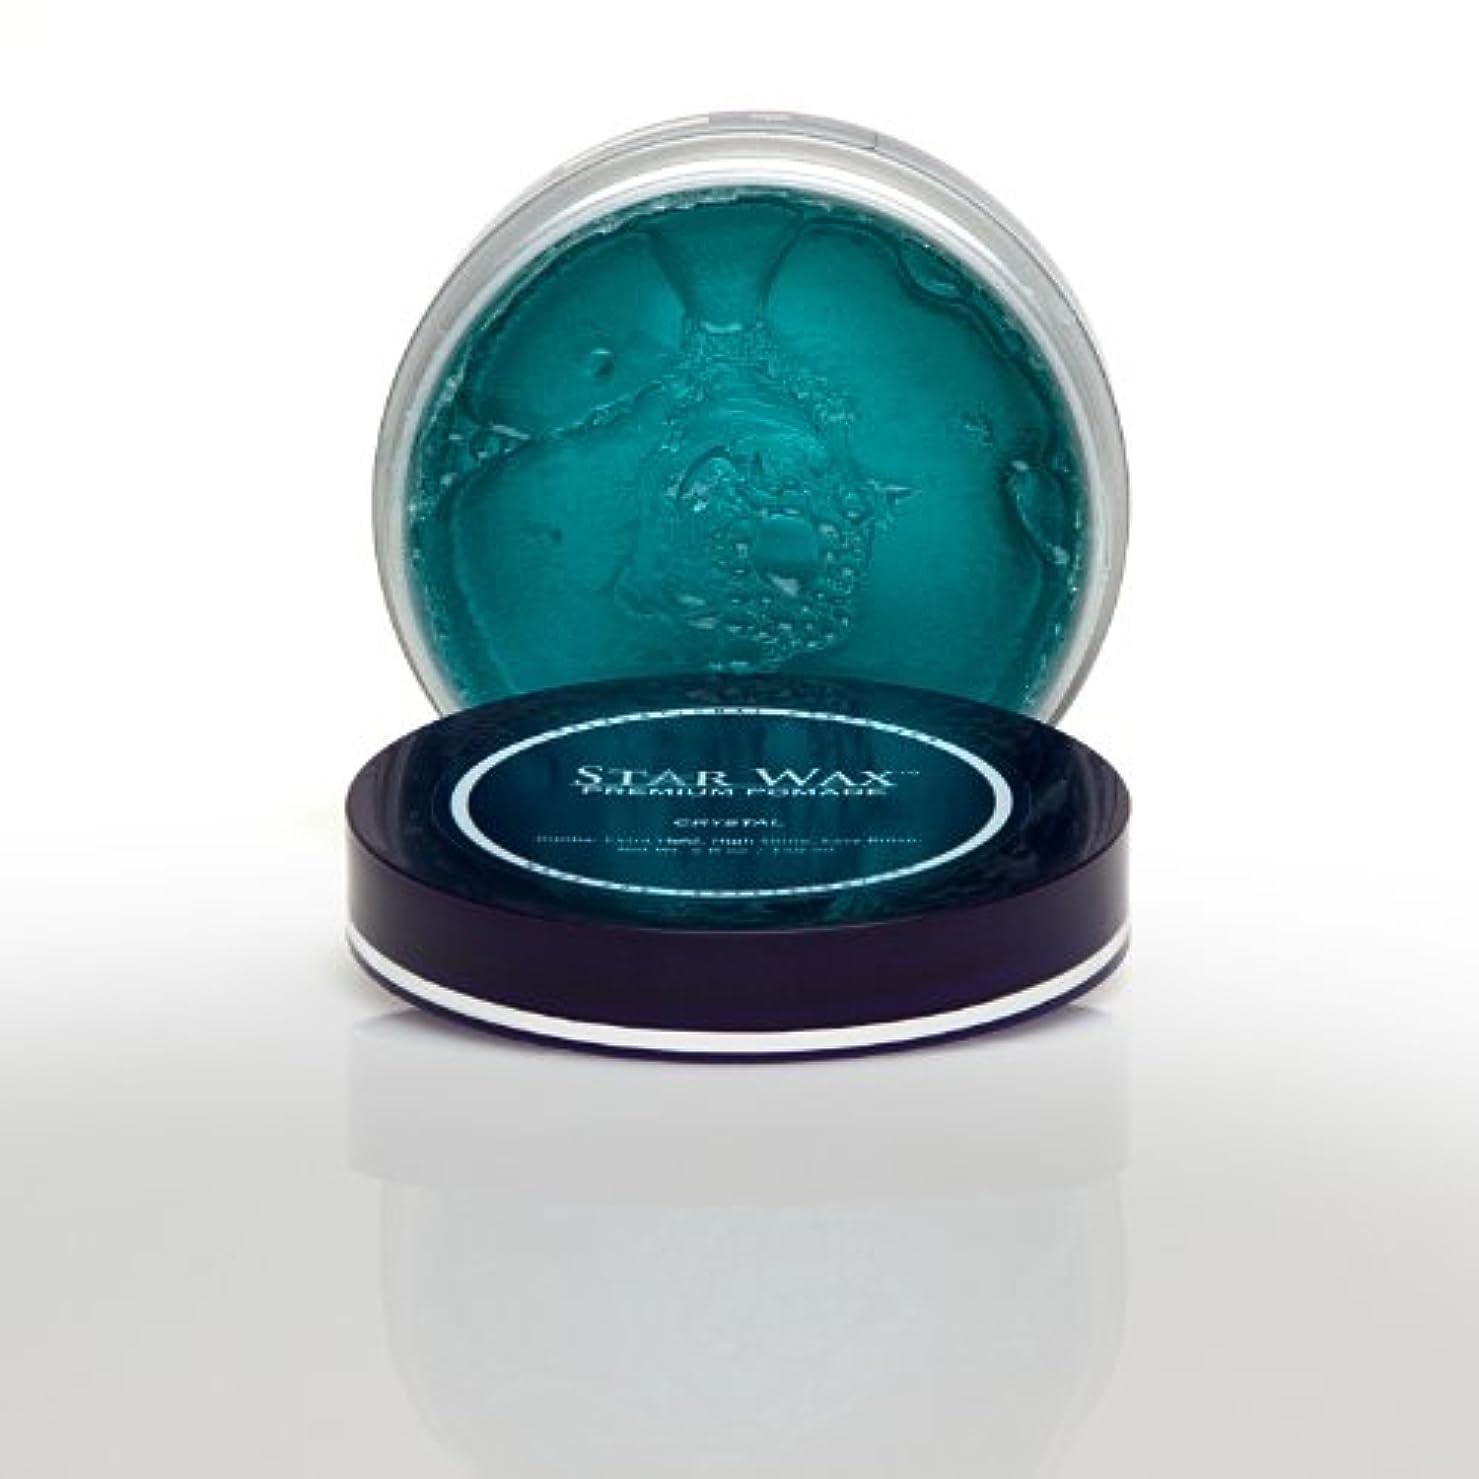 摂動疑わしい錆びStar Wax | Premium Pomade, Crystal(スターワックスプレミアム ポマード「クリスタル」)?Star Pro Line(スタープロライン)製?5(液量)オンス/150ml